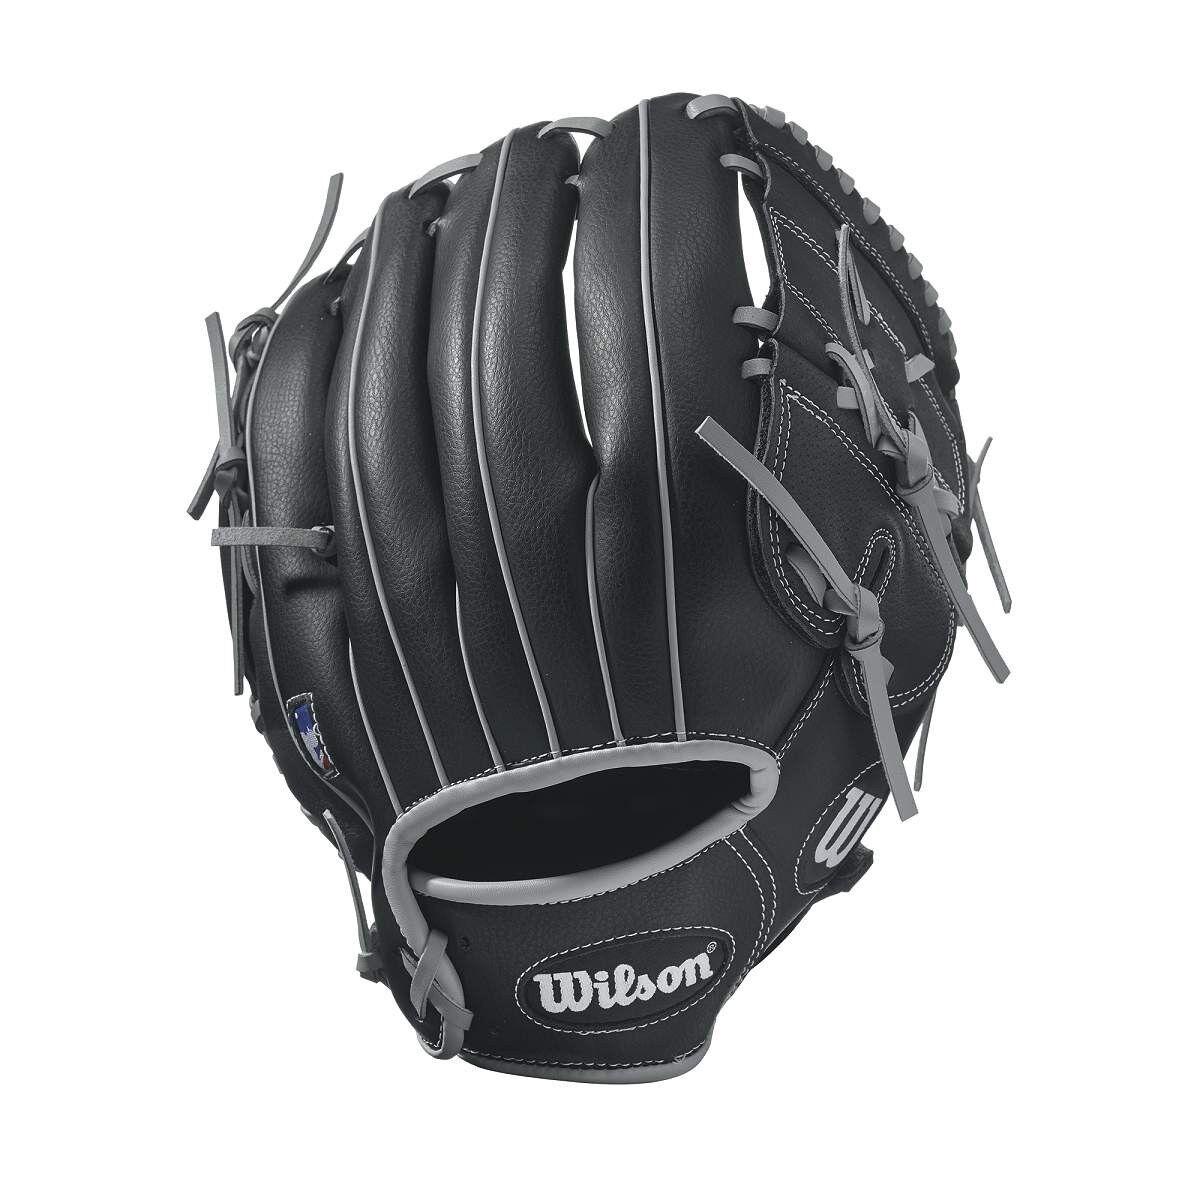 Wilson A360 12 inch Baseball Handschuh REG